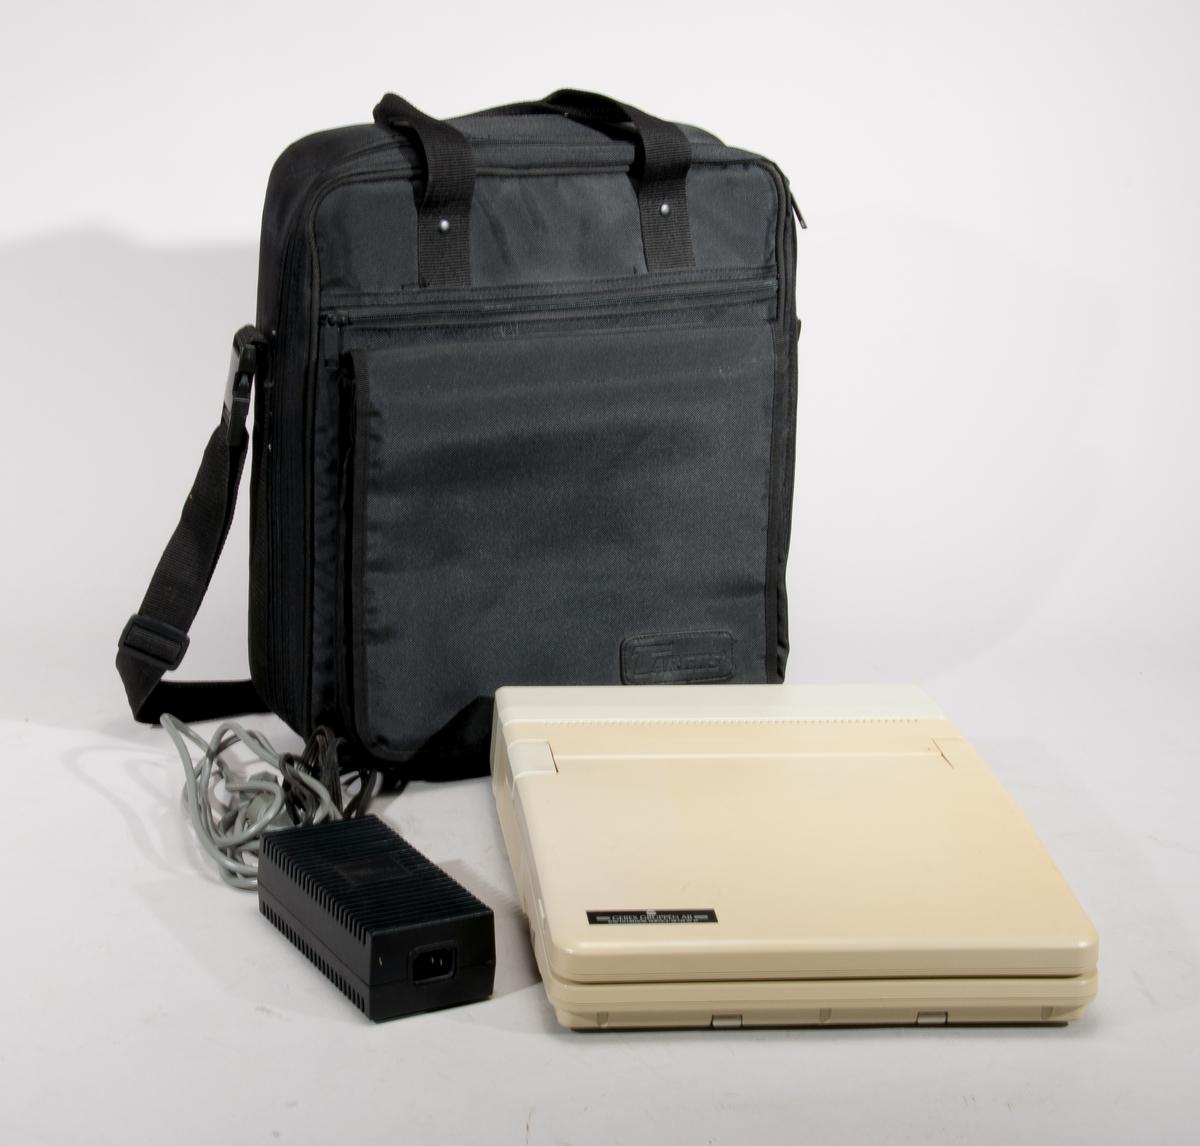 """Bärbar PC """"Supersport"""", i transportväska av märket Targus. Zenith Data Systems Corp, modell ZWL-184-02 nr 9361287611 batteripack modell ZA - 180-57, sernr 9331295001. Med nätaggregat modell 150-308 nr8802.  Återförsäljare: Gebex Gruppen AB"""